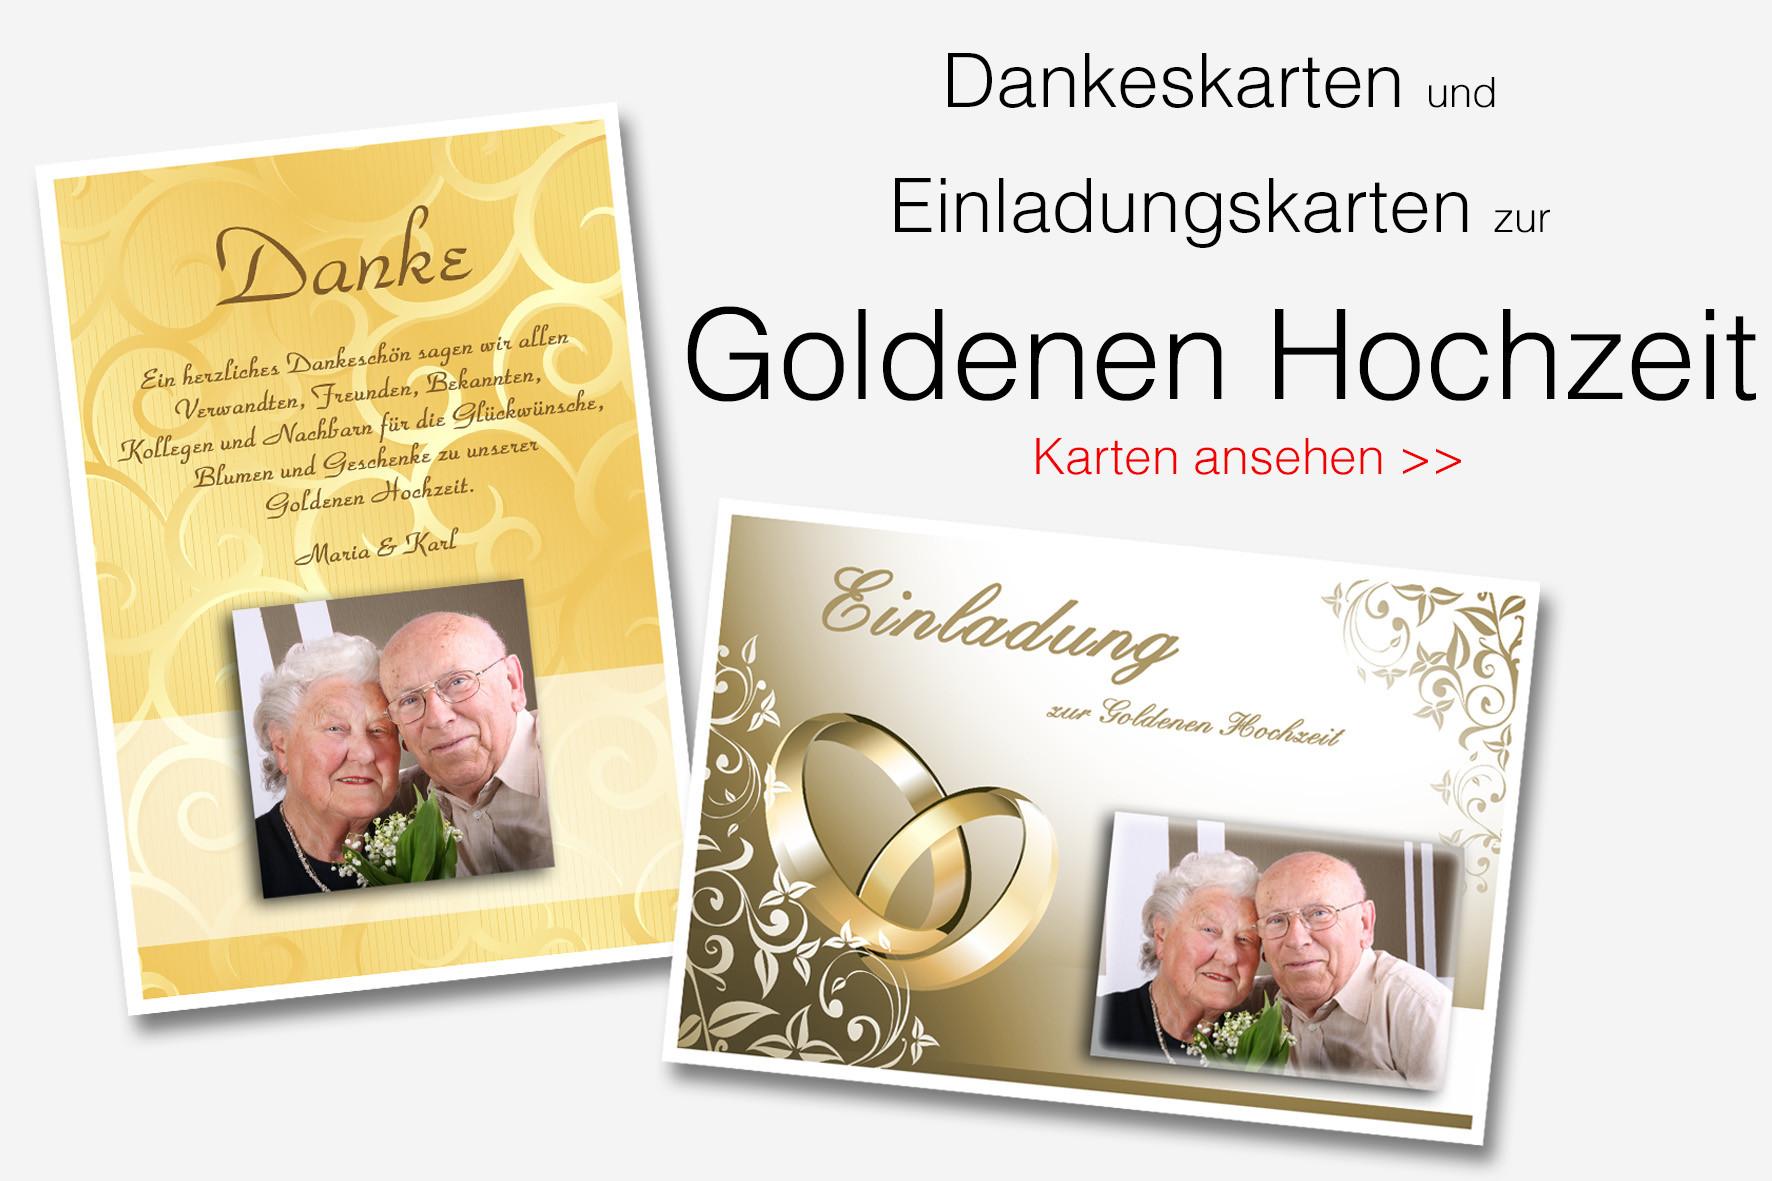 Goldenen Hochzeit  Danksagungen Dankeskarten & Einladungen bestellen